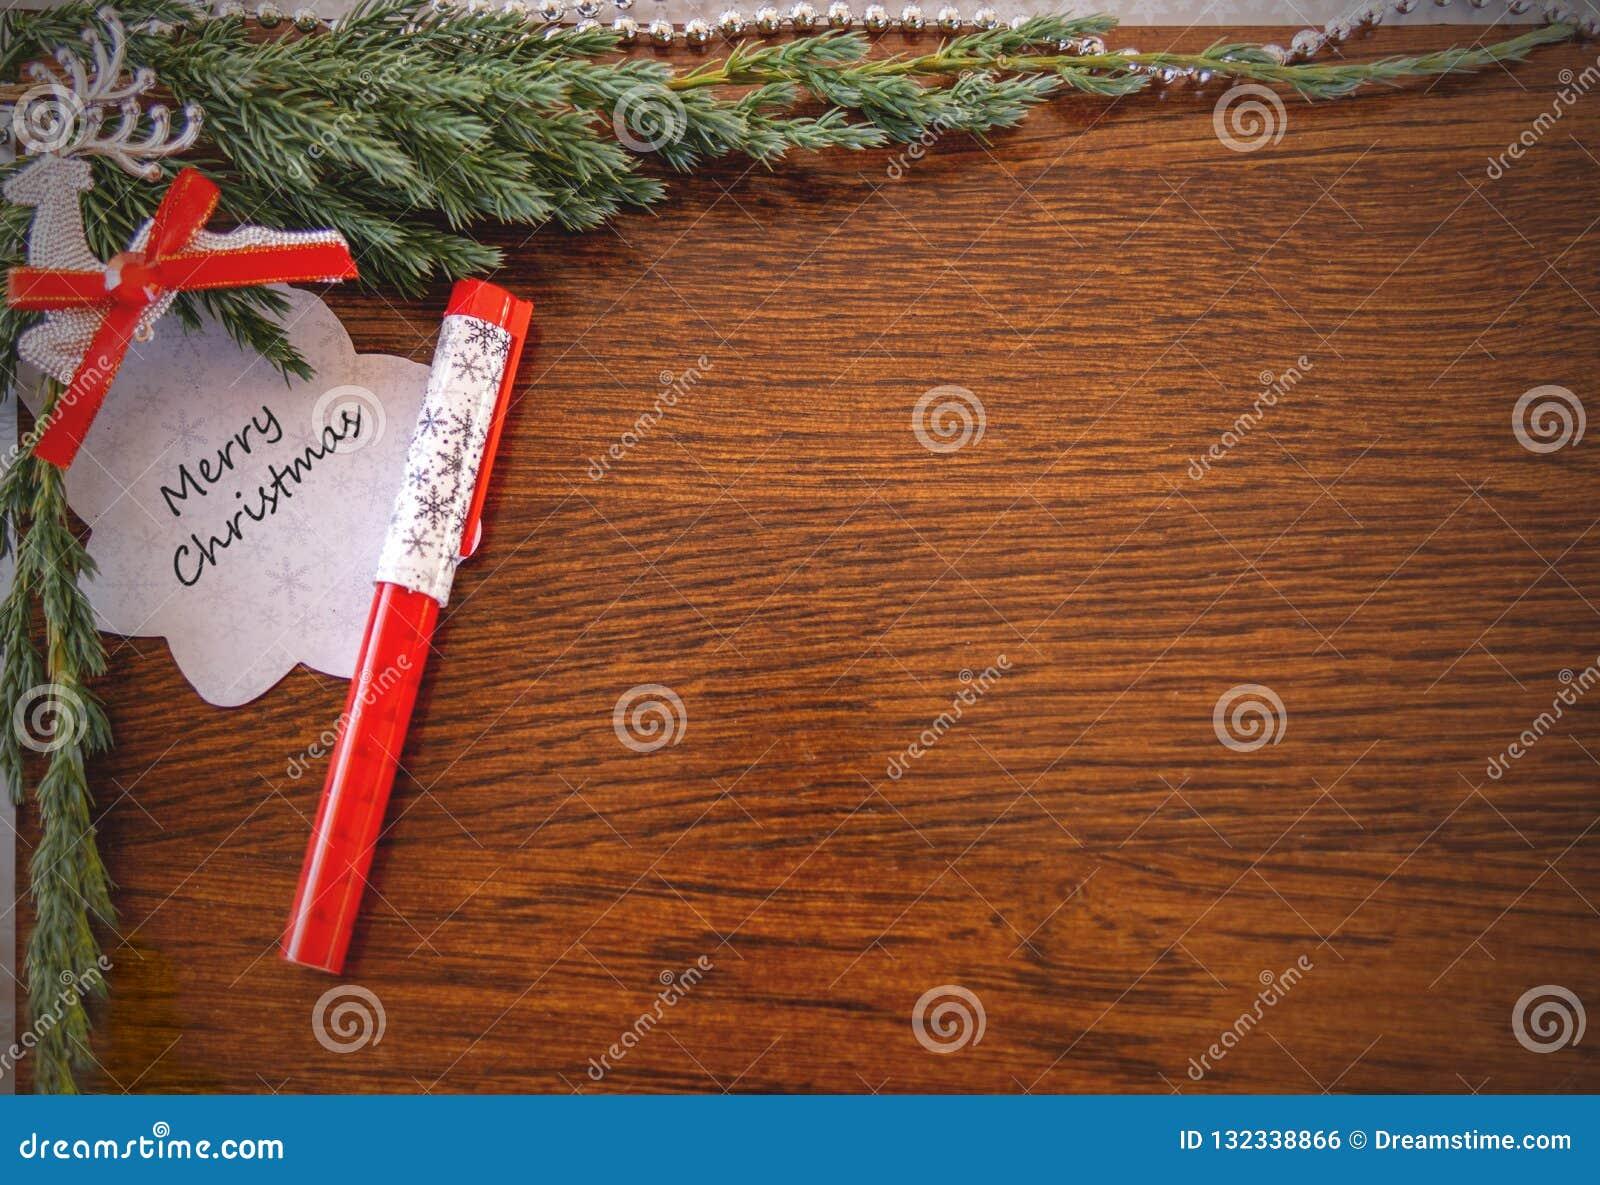 Kerstkaart met de woorden: Vrolijke Kerstmis